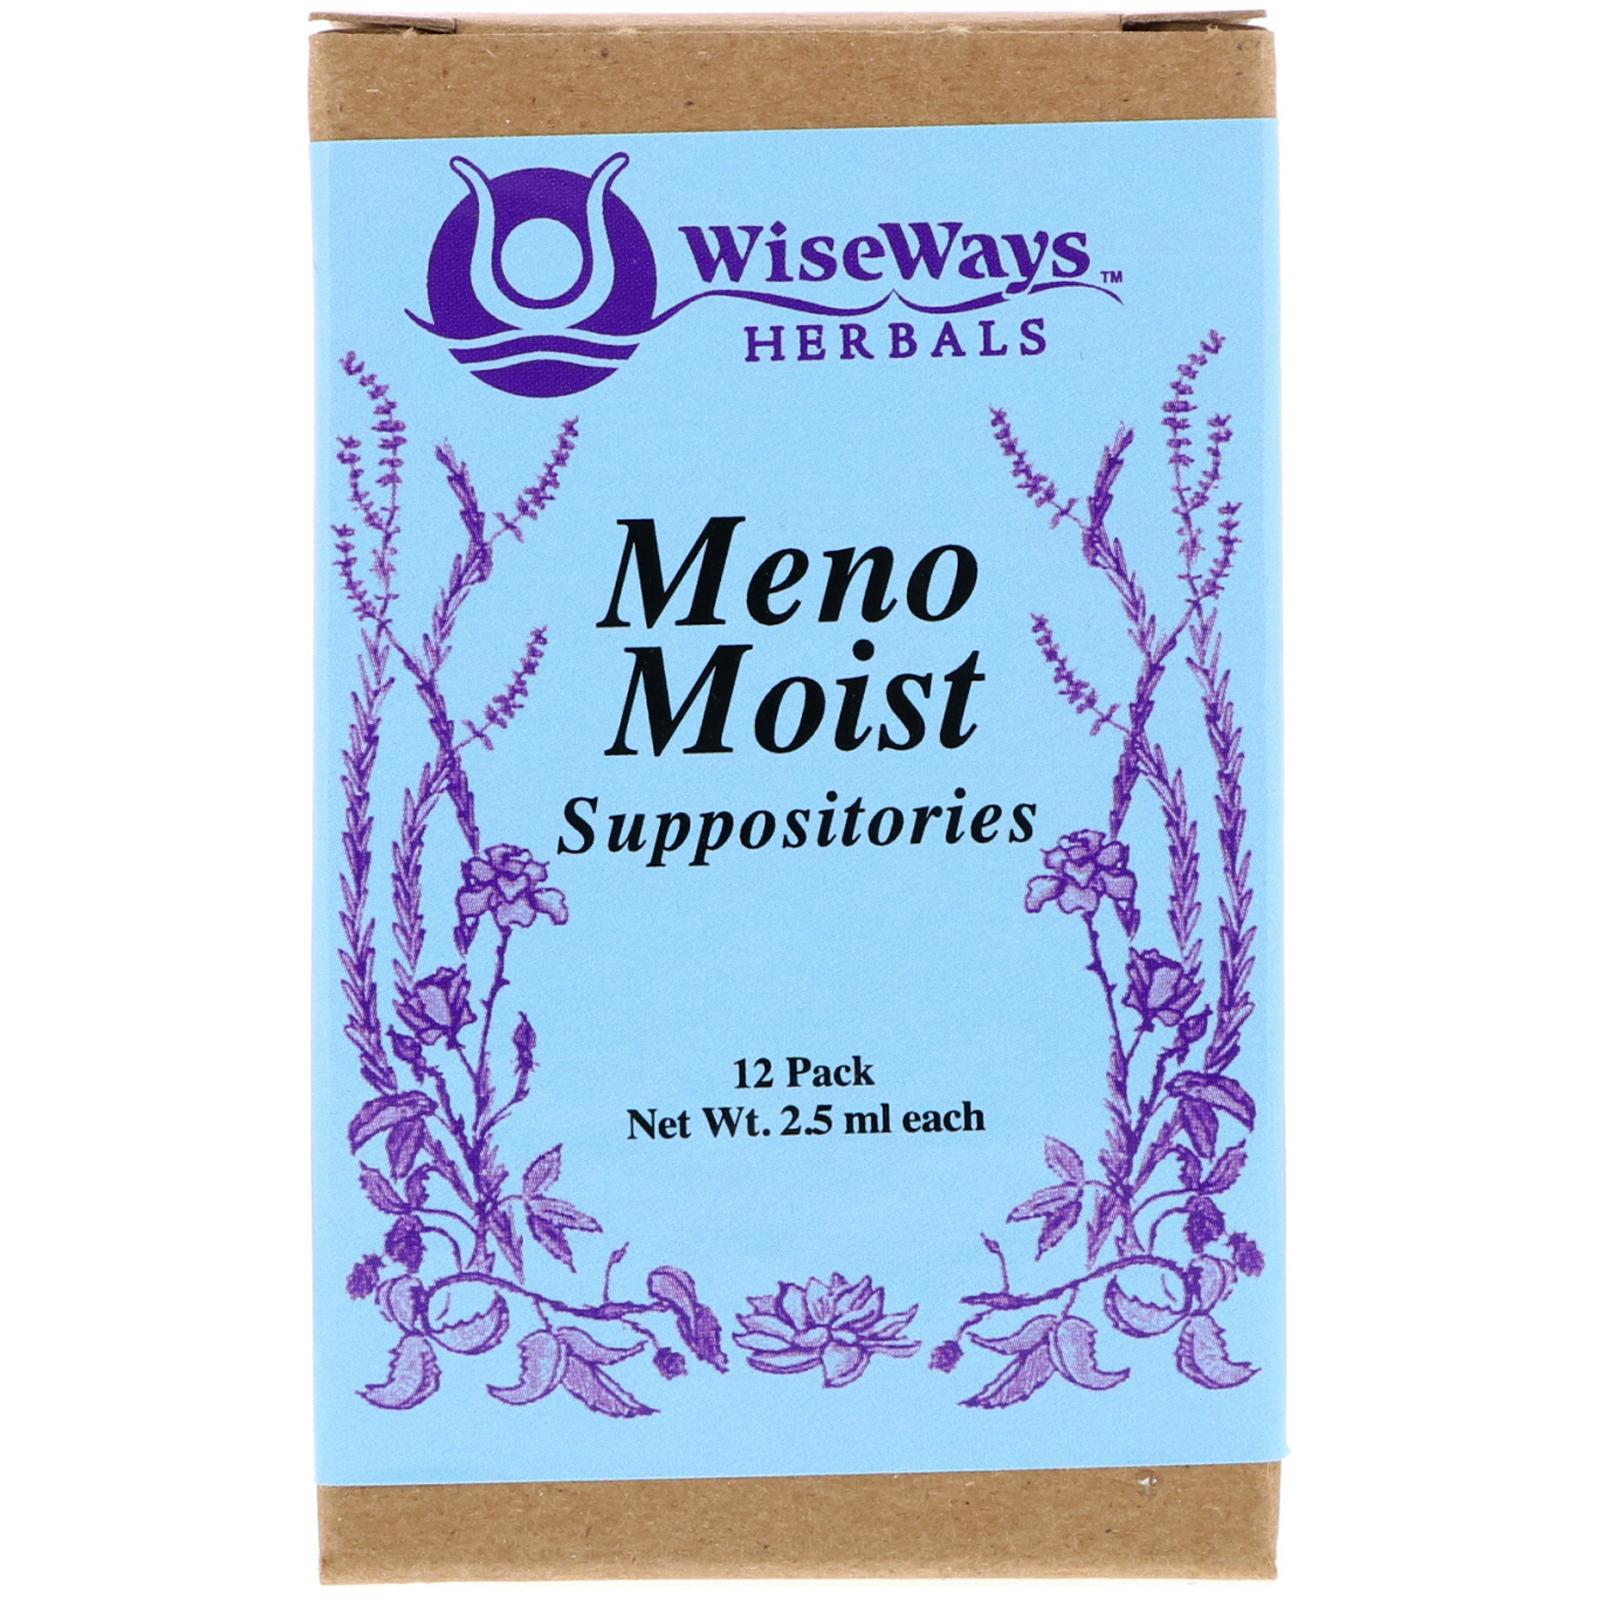 Wiseways Herbals Llc Meno Moist Suppositories 12 Pack 2 5 Ml